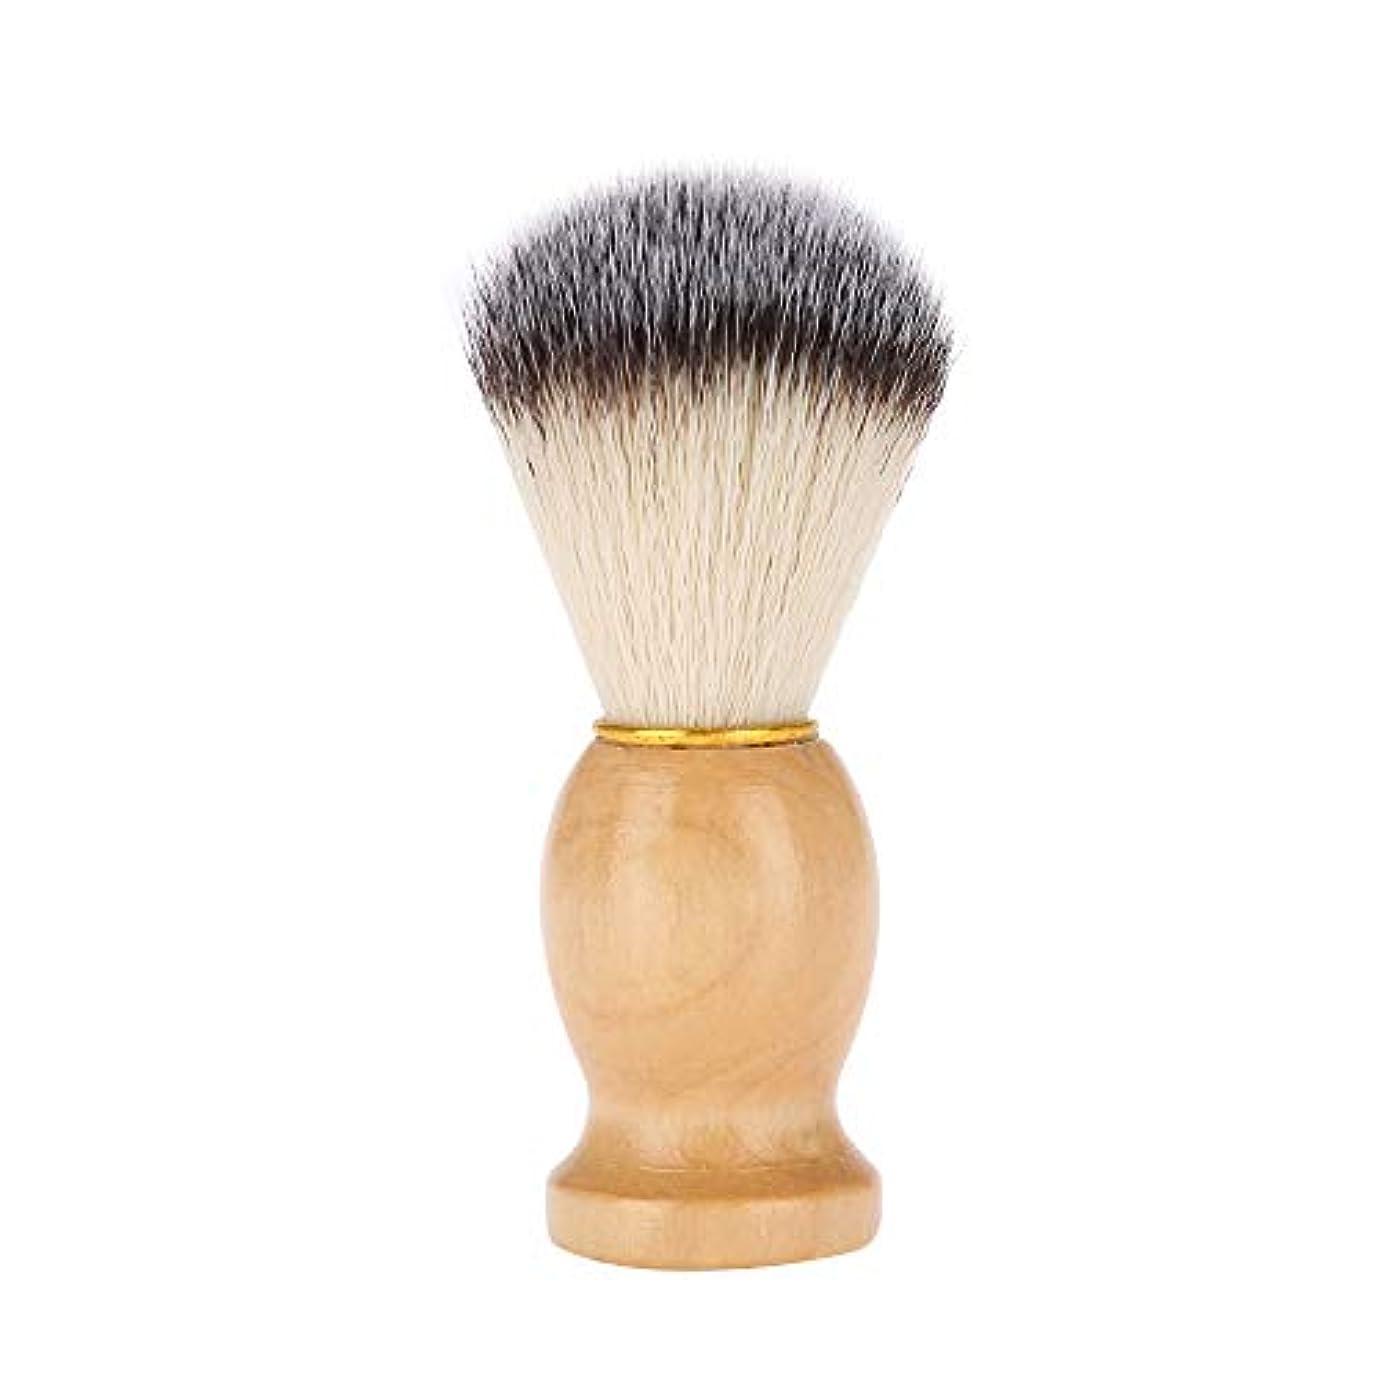 古代モディッシュいっぱいシェービングブラシ 髭剃りブラシ 木製ハンドル+繊維毛 泡立て ひげ剃りツール メンズ理容ブラシ